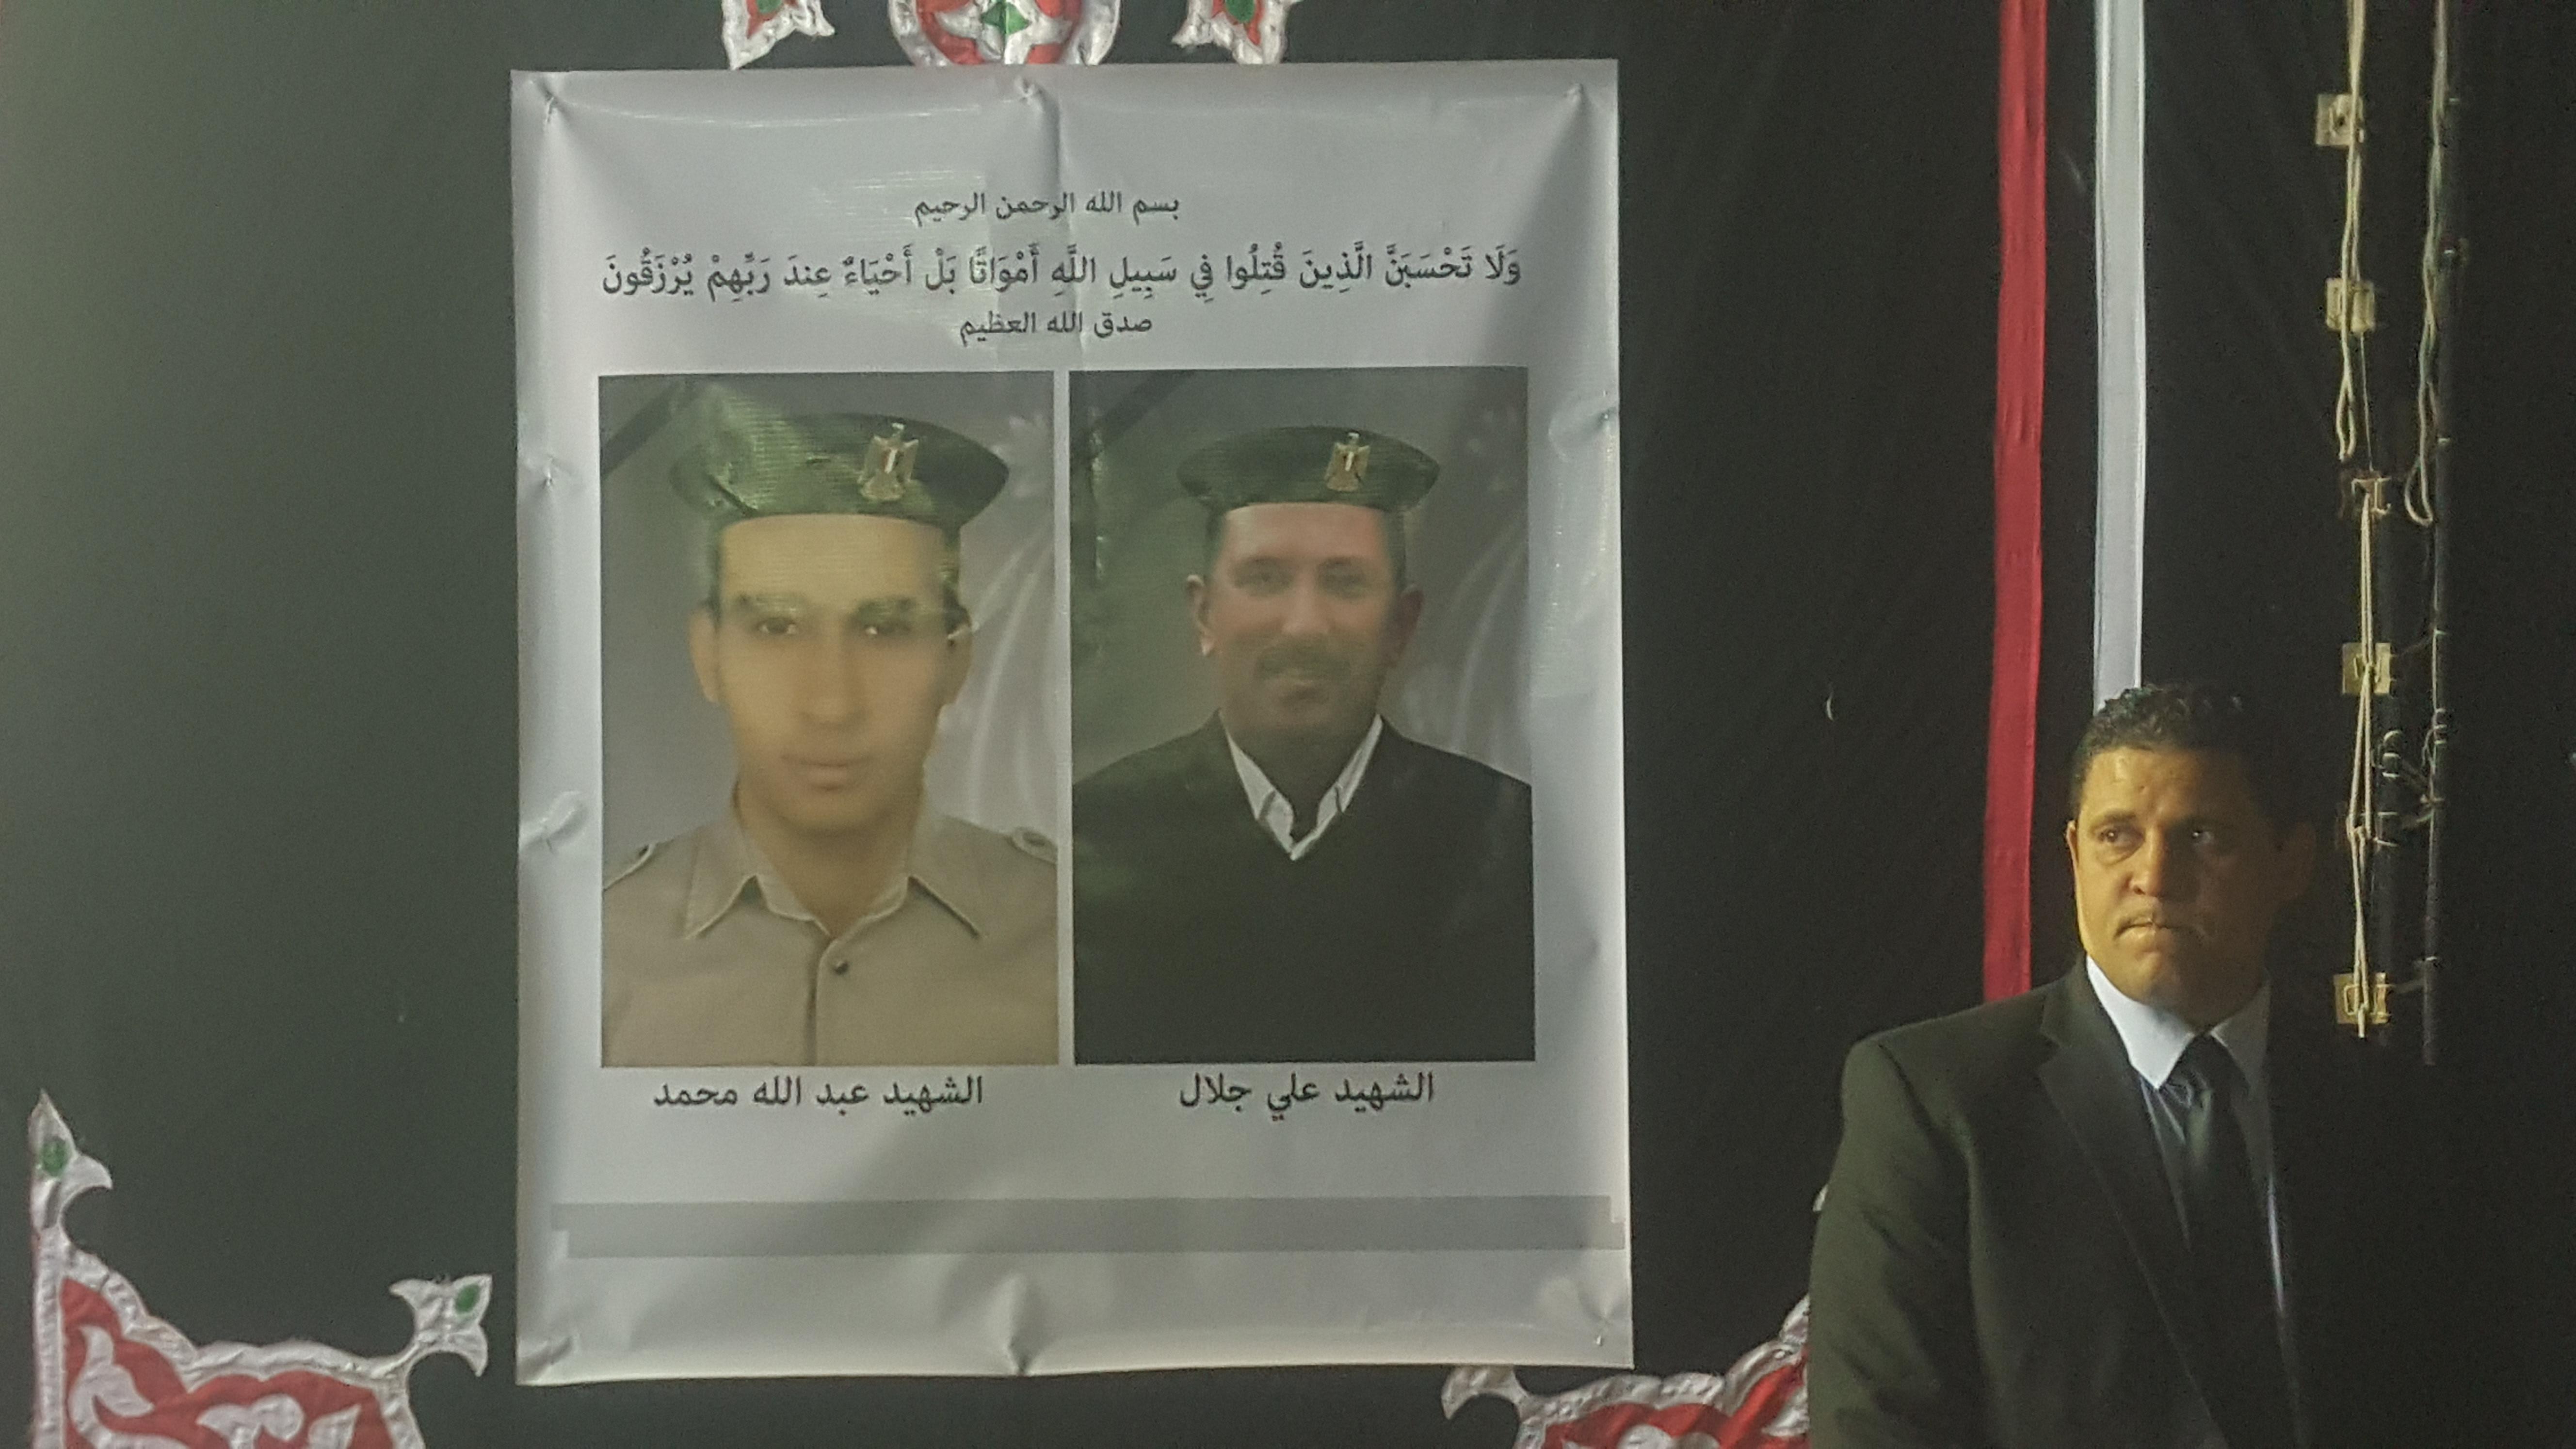 شهداء الحادث الإرهابى بالإسكندرية (3)